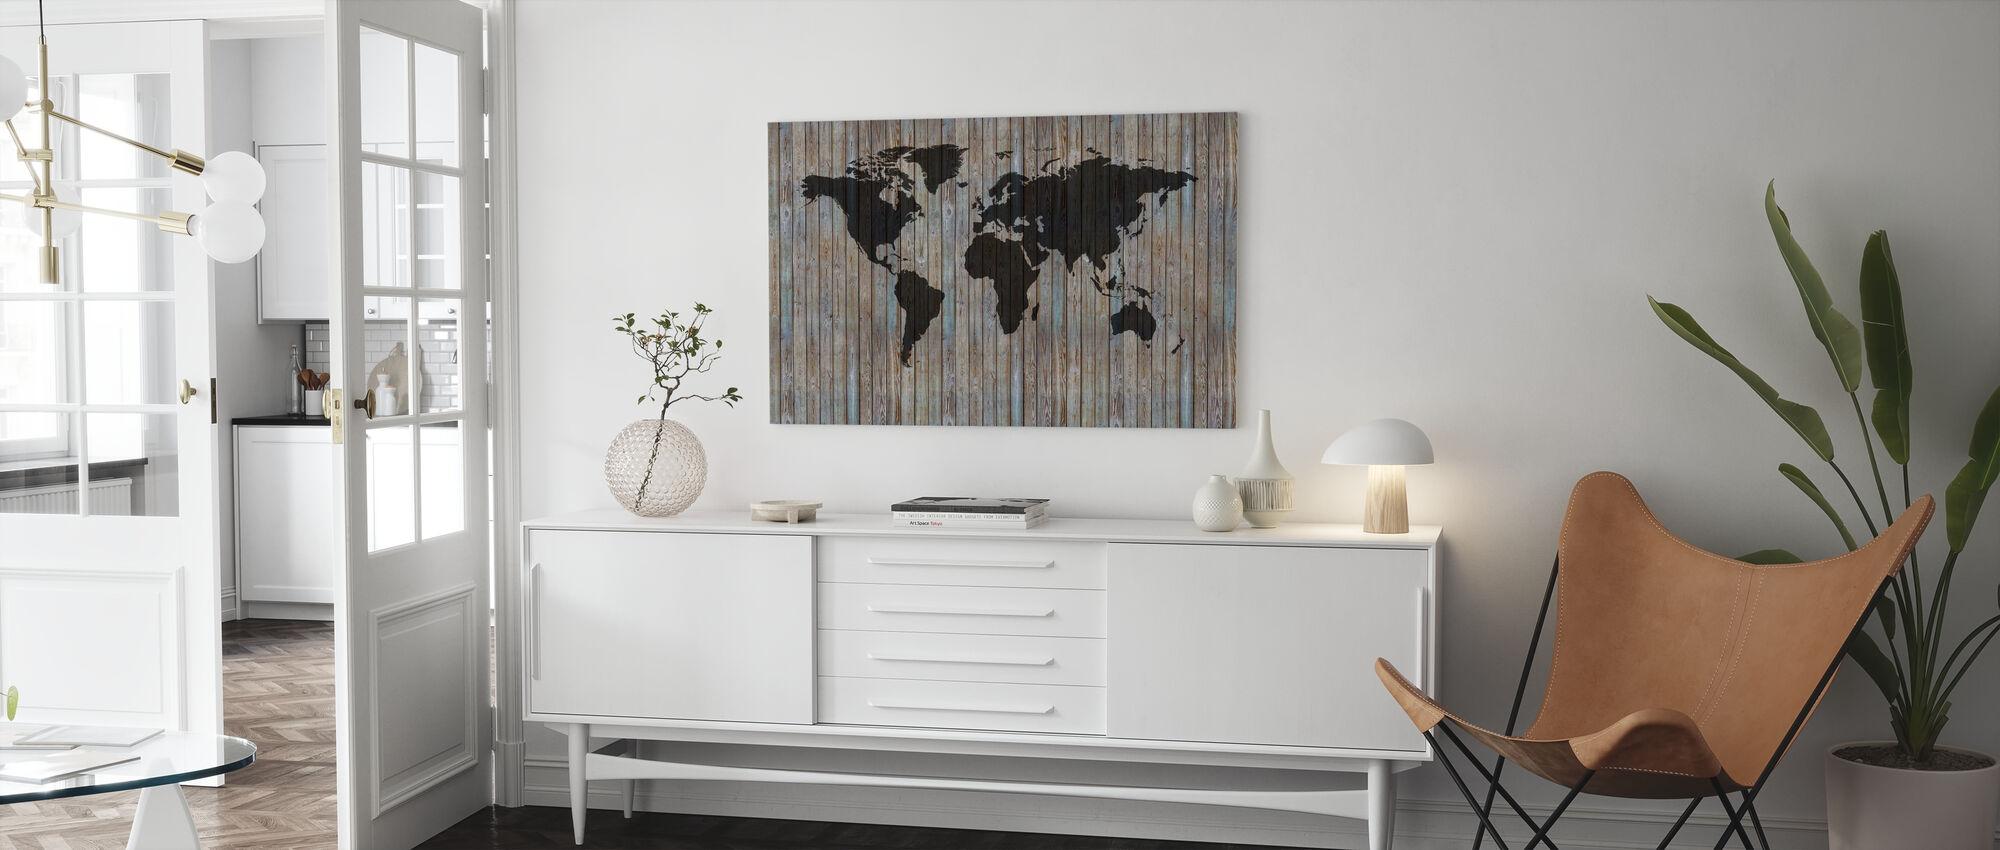 Planche de bois Map du monde - Old Silver - Impression sur toile - Salle à manger